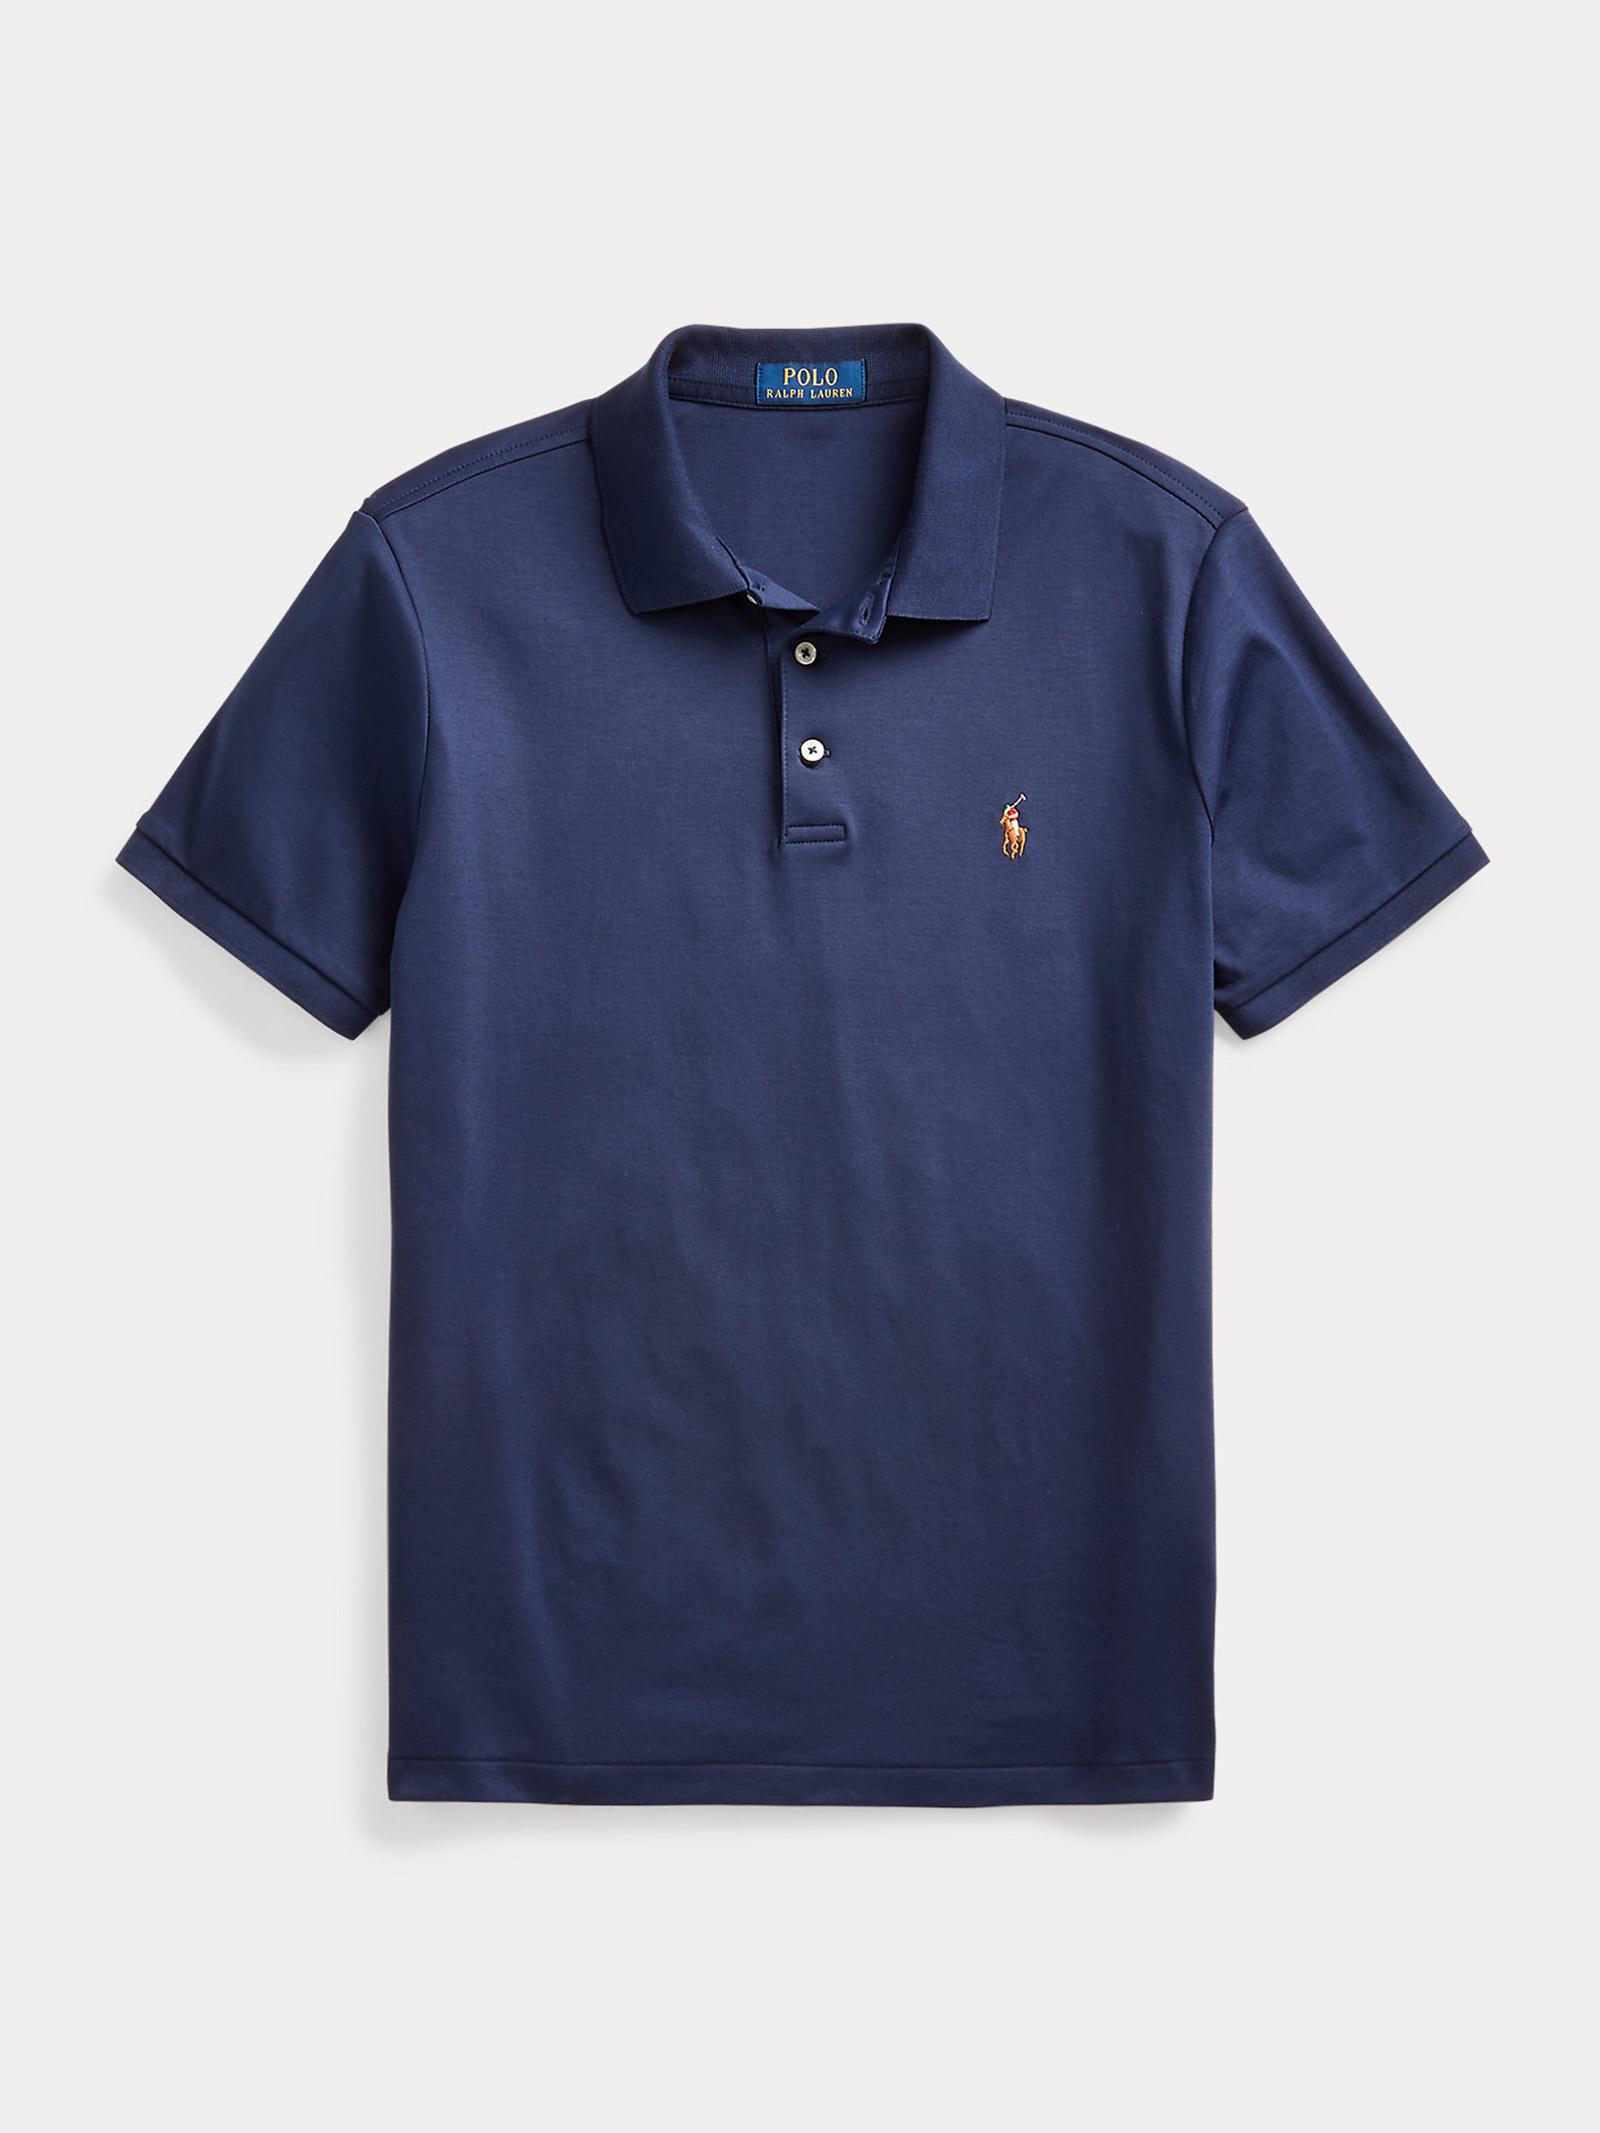 Polo in cotone morbido Slim-Fit RALPH LAUREN   Polo   710-652578127